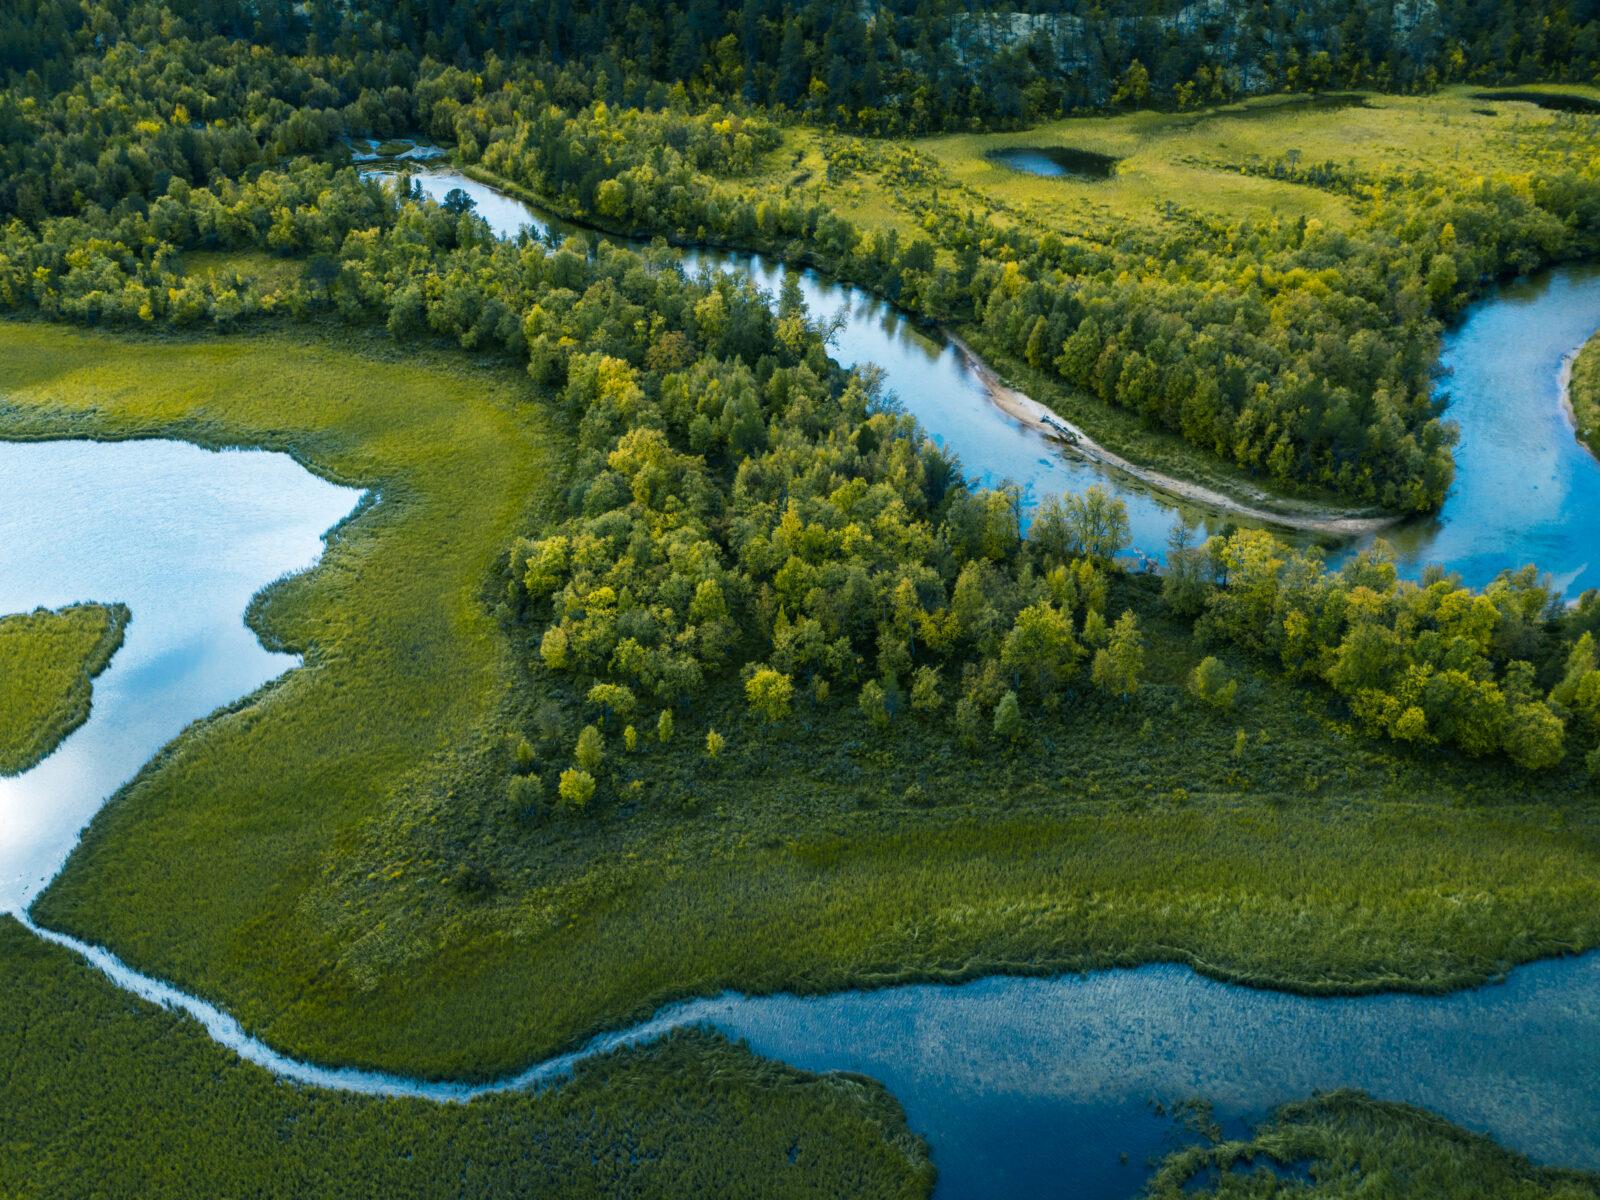 skog, å, träd, vatten, ovanifrån, grönt, våtmark, 1176867660